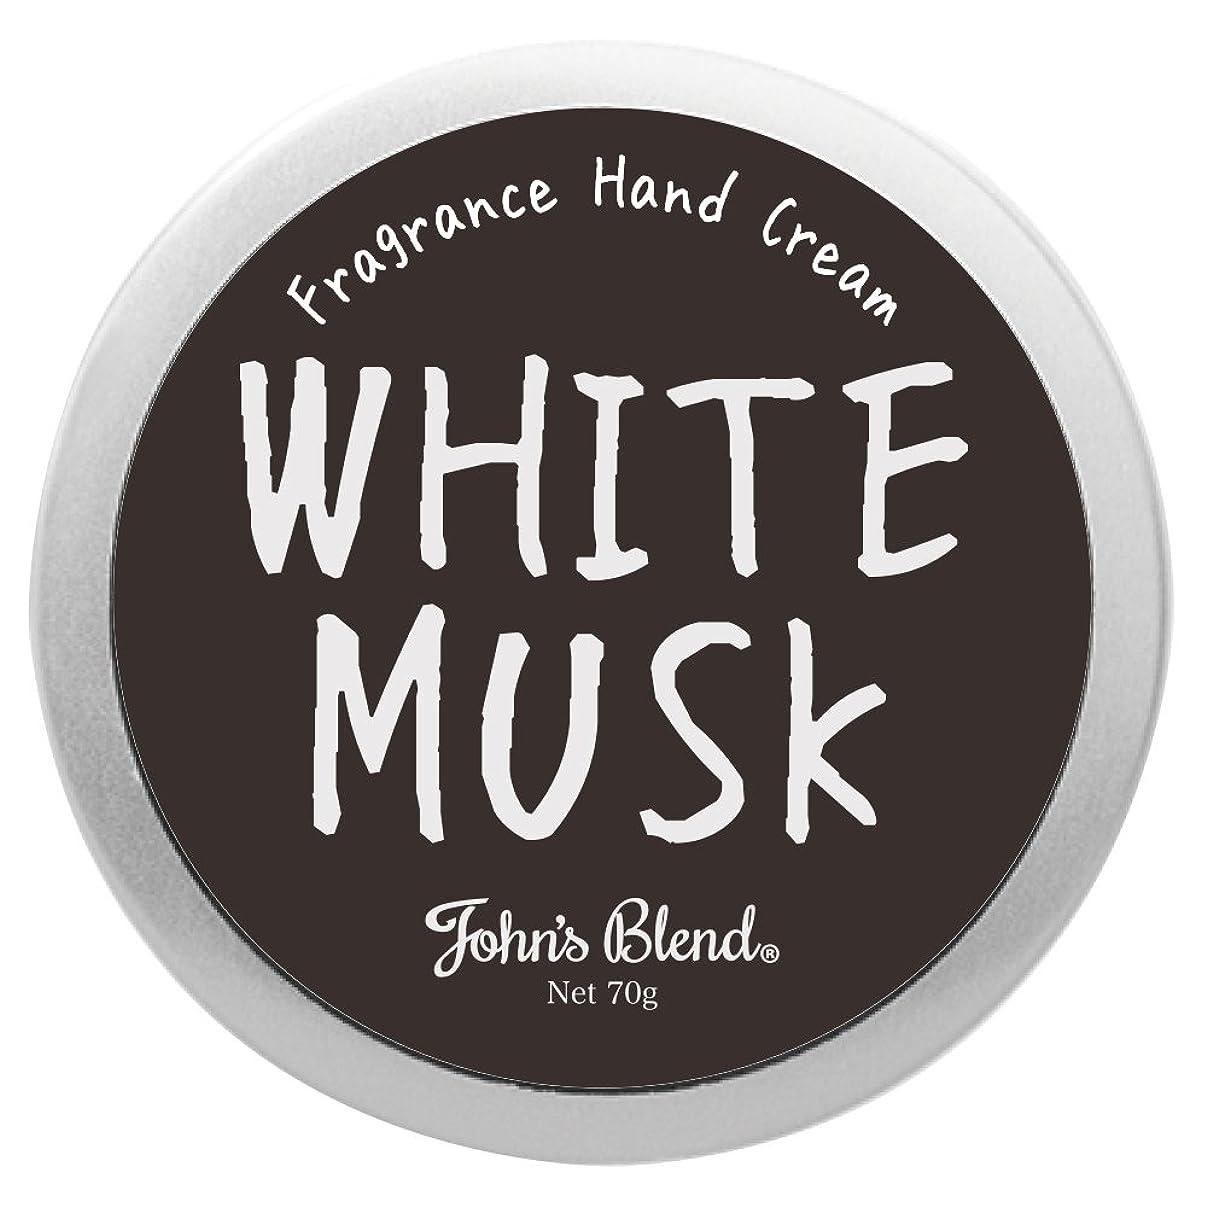 枝おしゃれじゃない着るノルコーポレーション John's Blend ハンドクリーム 保湿成分配合 OZ-JOD-1-1 ホワイトムスクの香り 70g